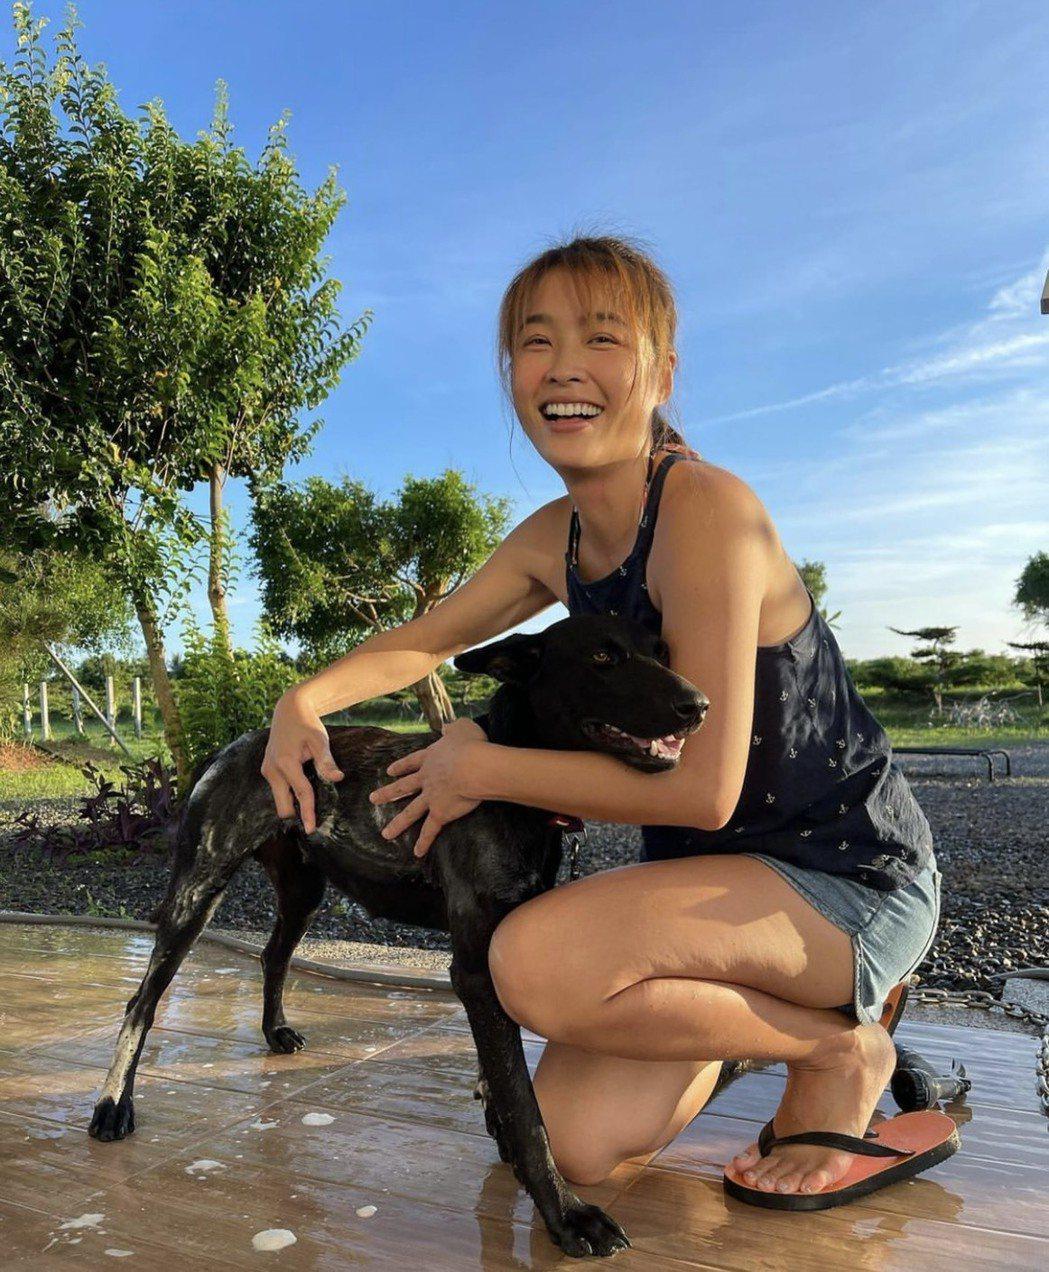 小嫻養了狗,生活非常充實。圖/摘自IG